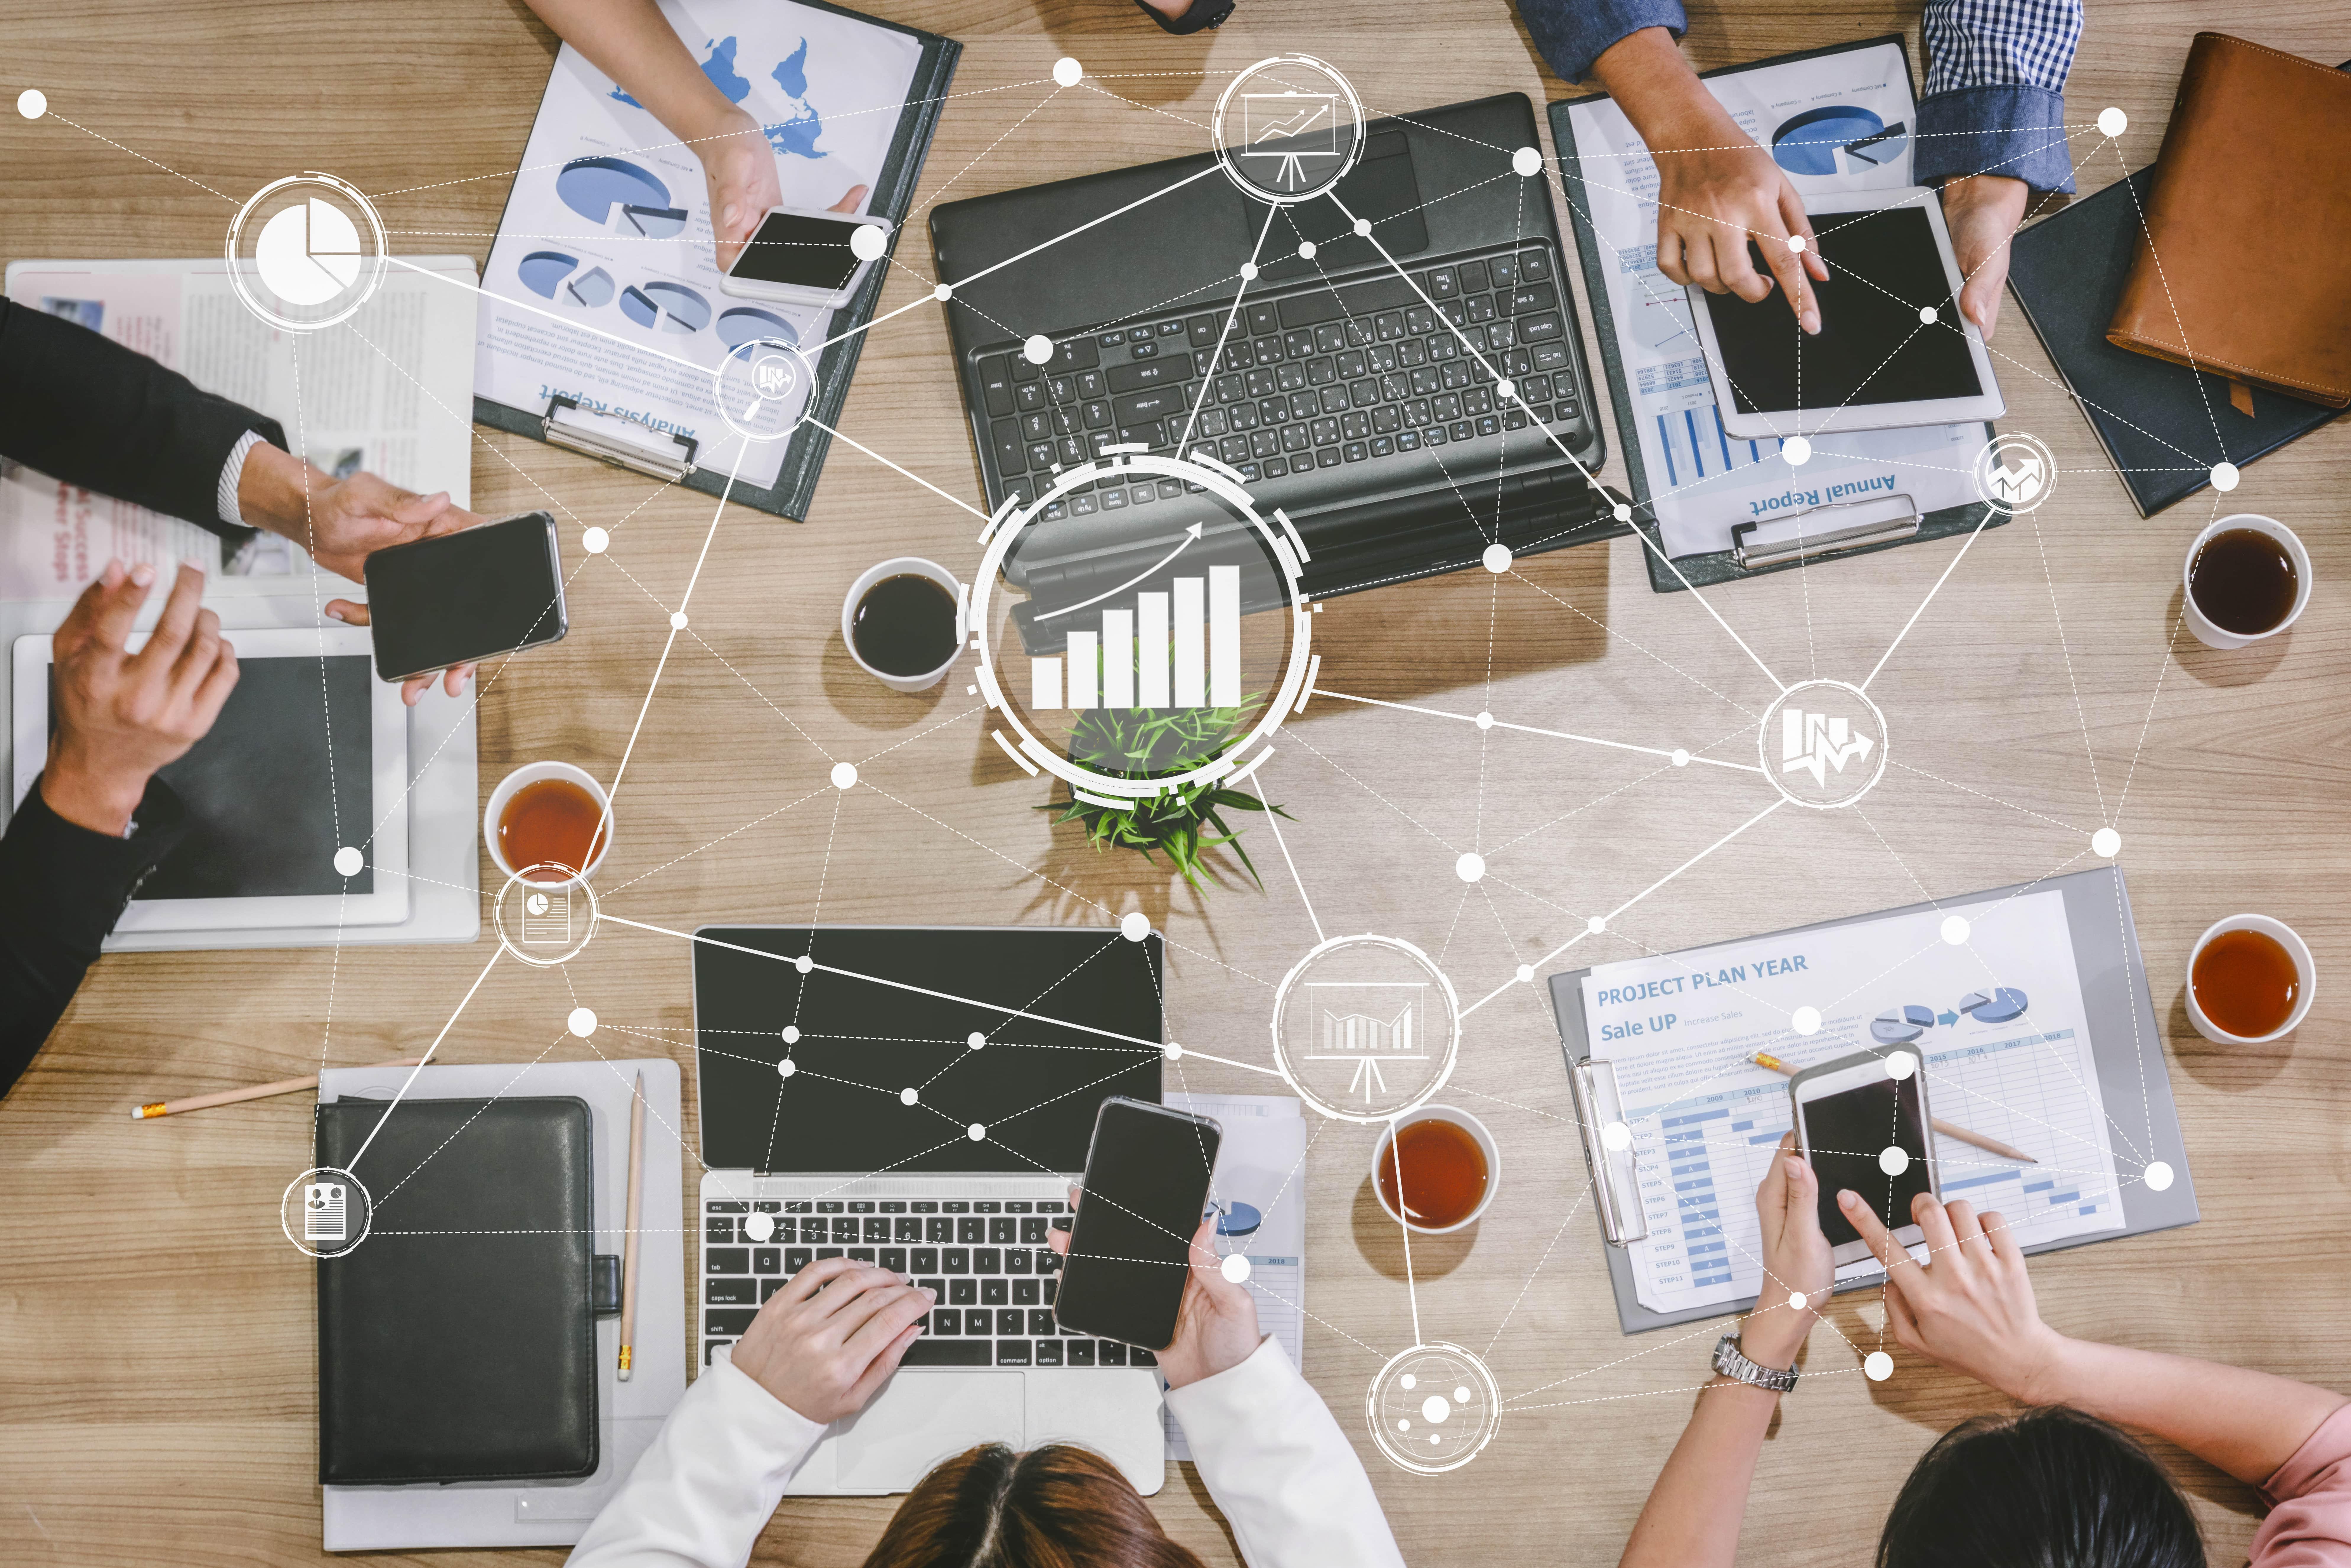 Classement des réseaux sociaux en France et dans le monde en 2019